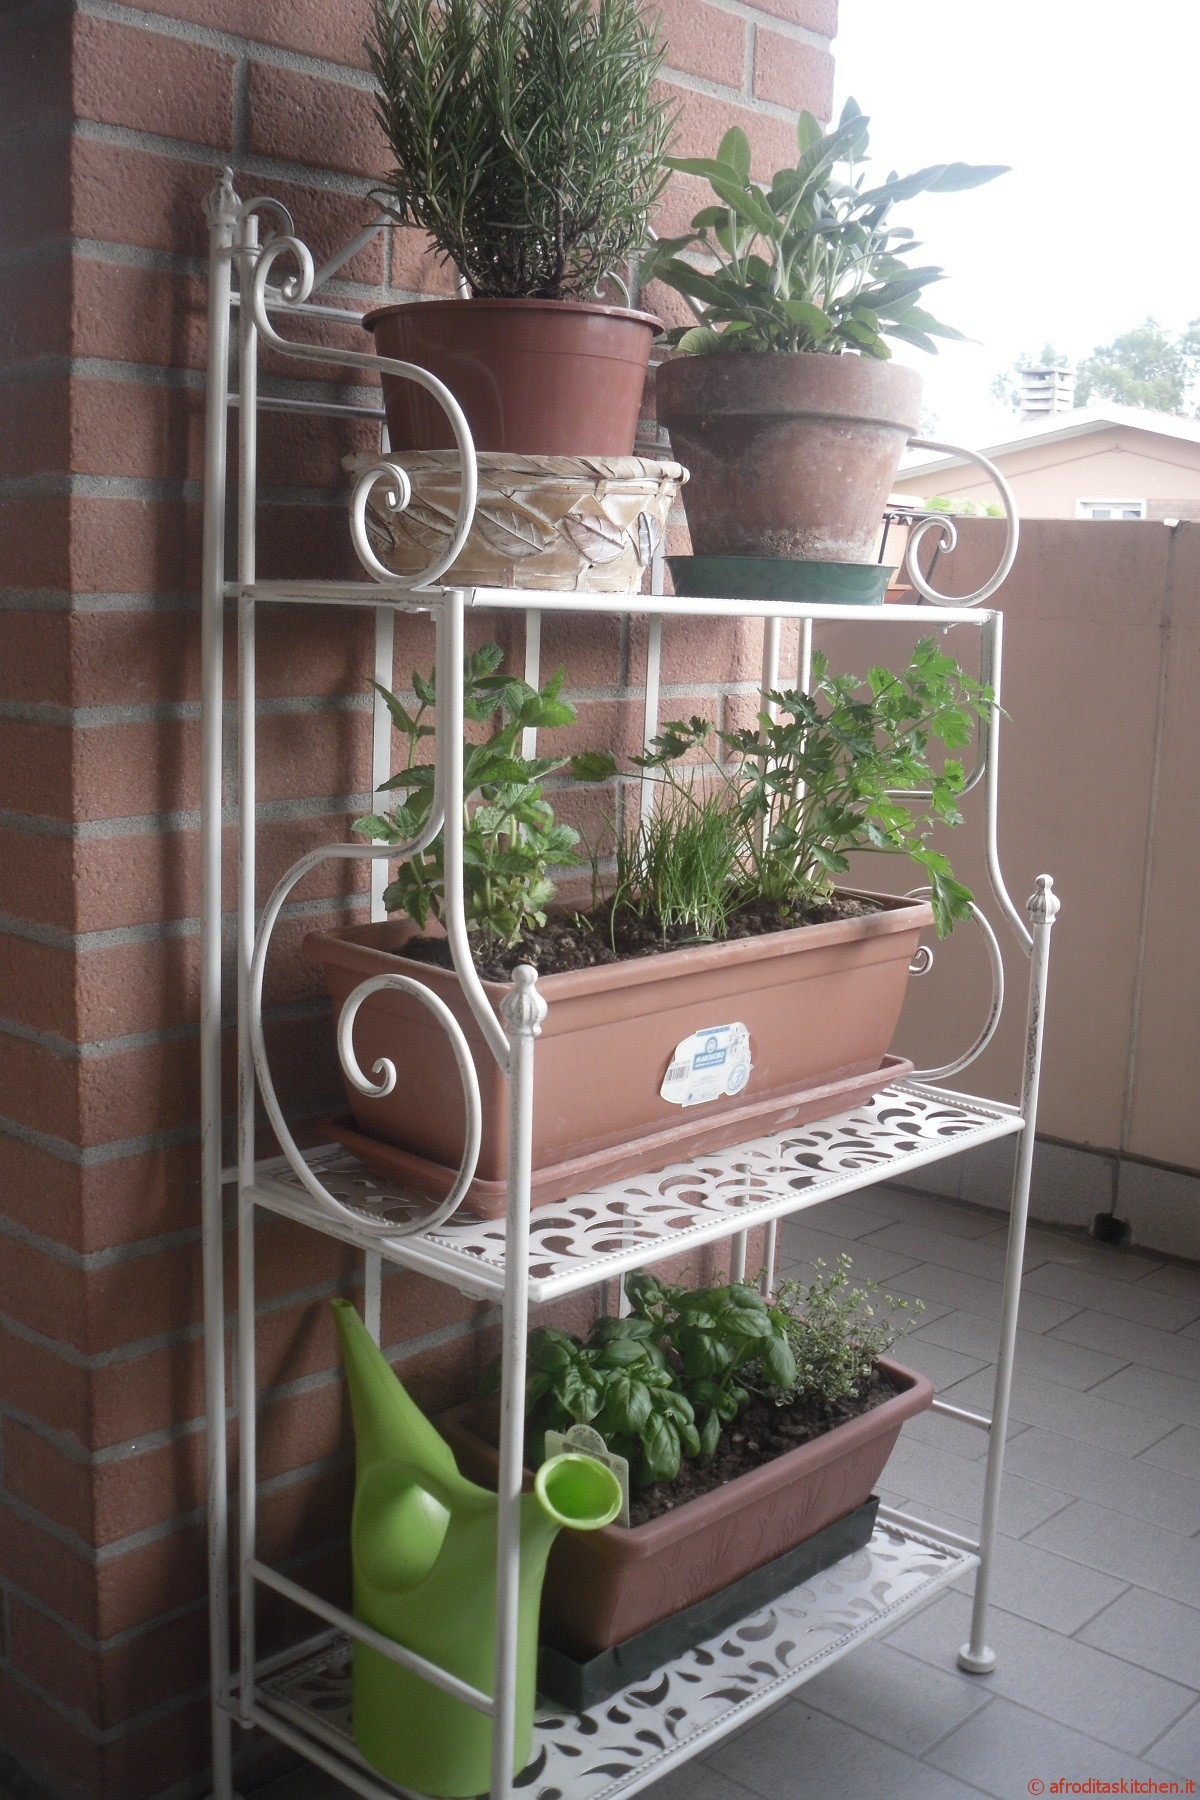 Le piante aromatiche come coltivarle sul balcone - Cucina sul terrazzo ...